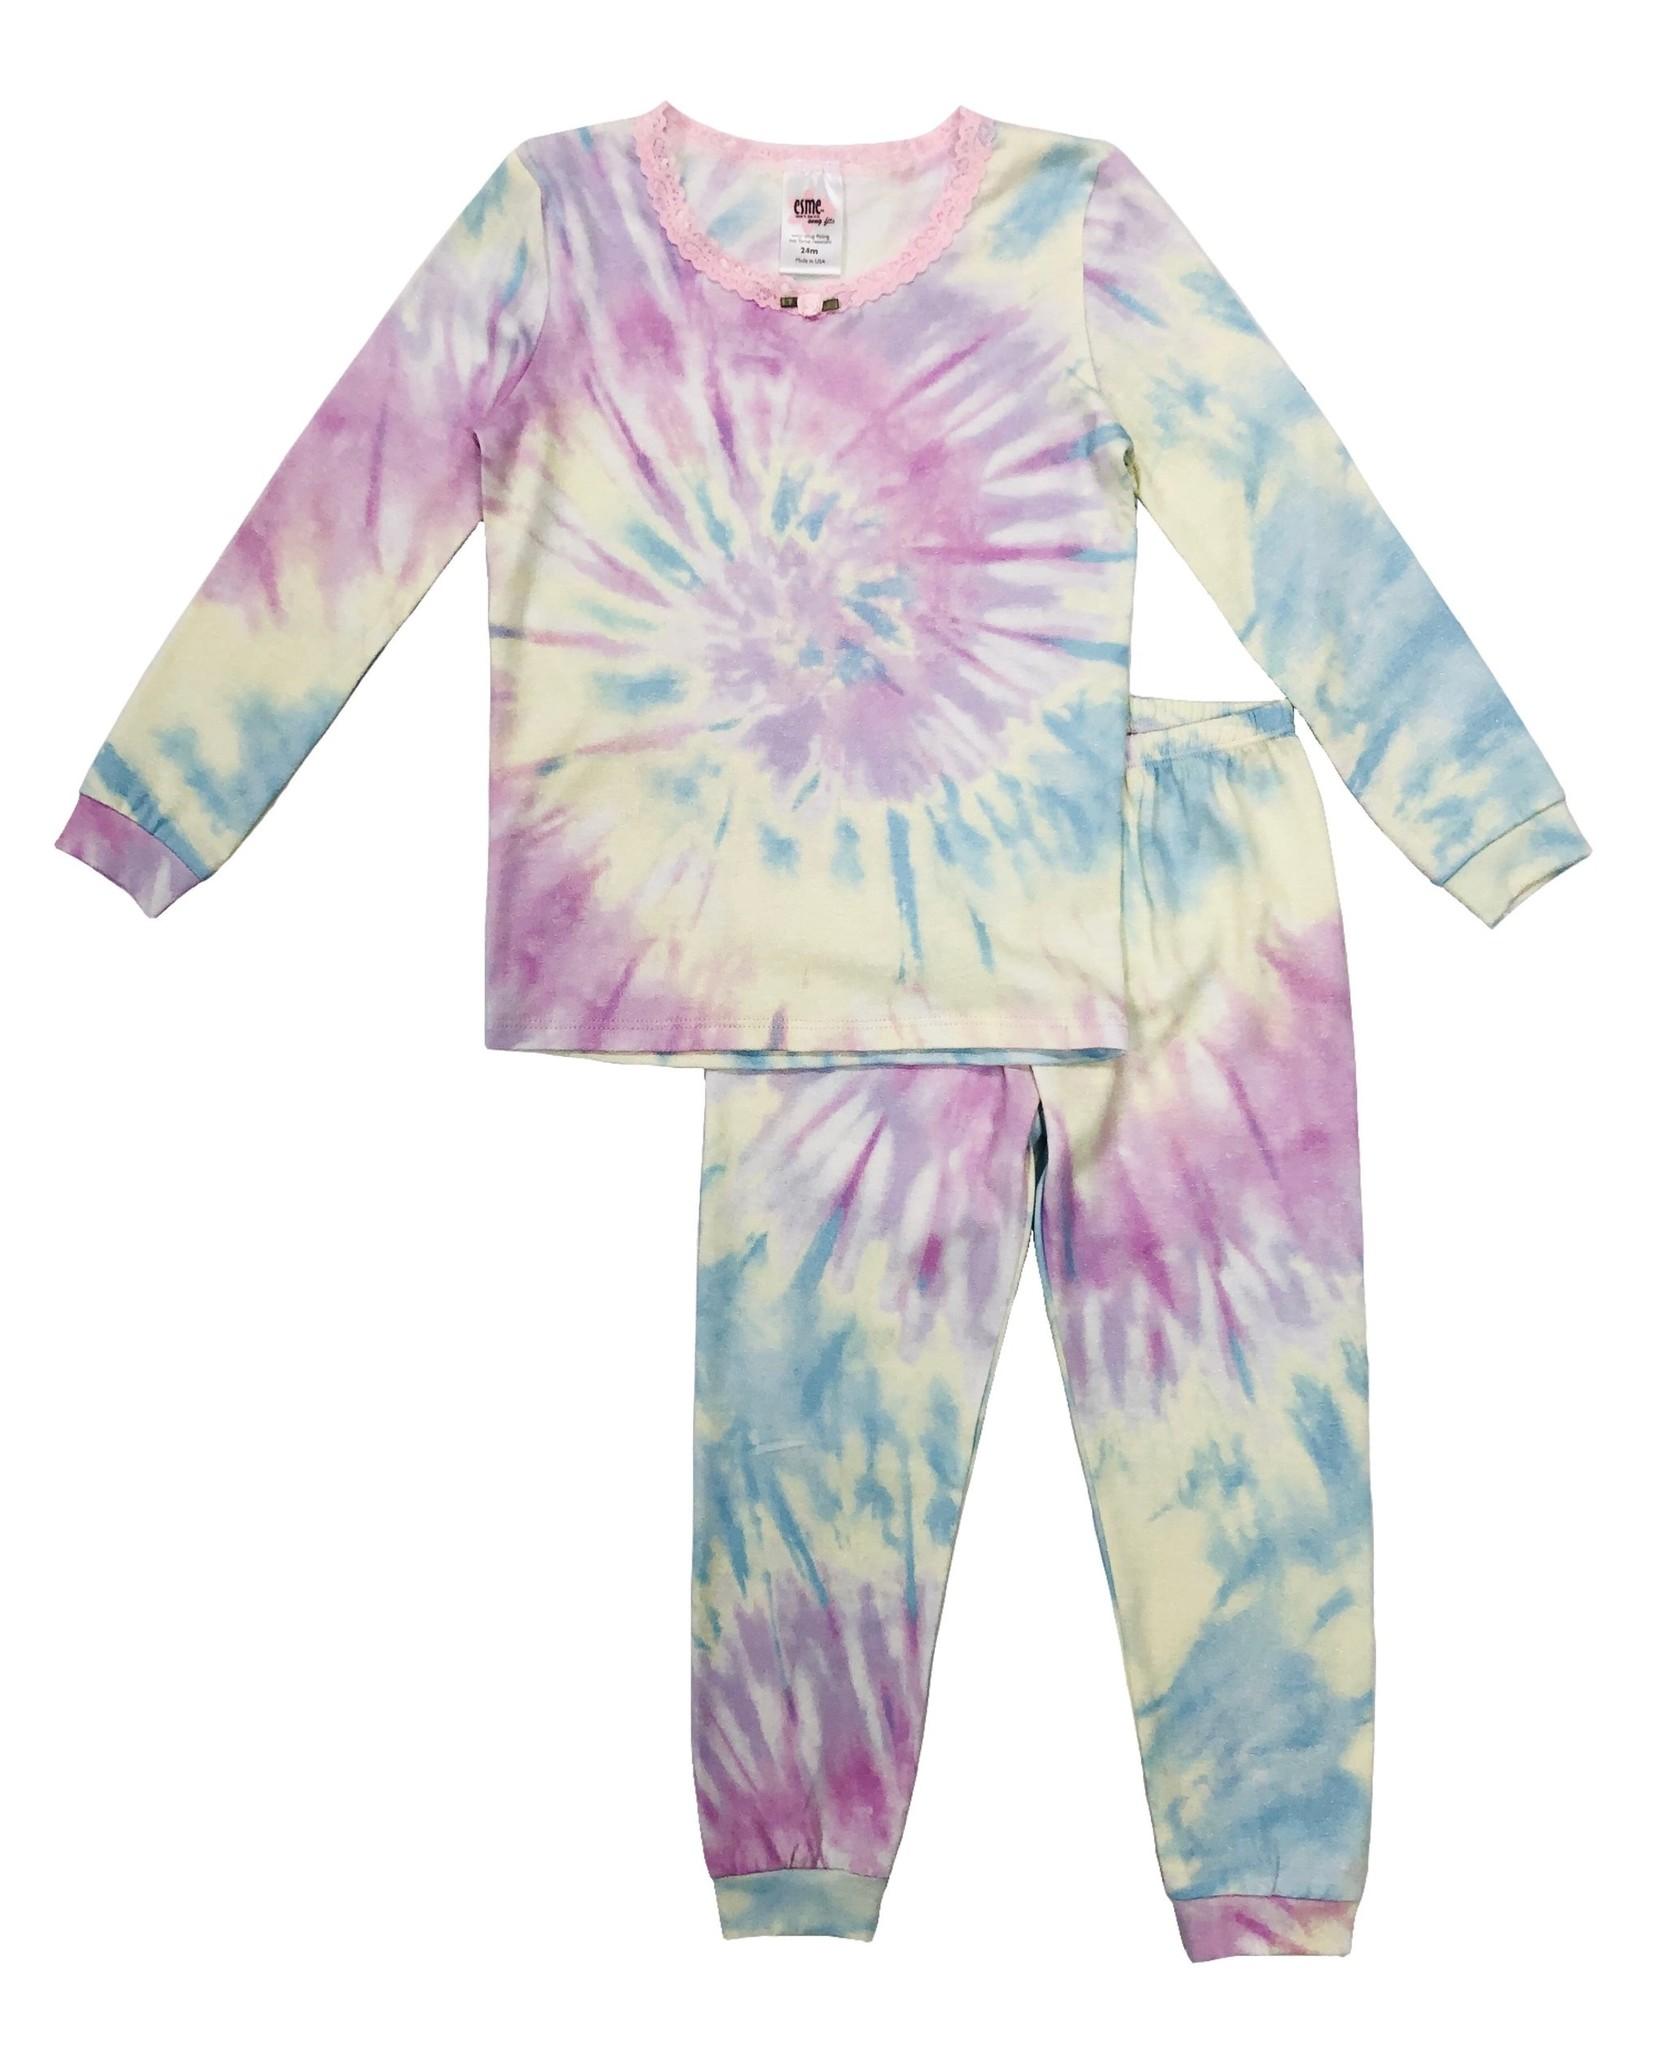 Esme Shimmer Tie Dye  L/S Set - Infant